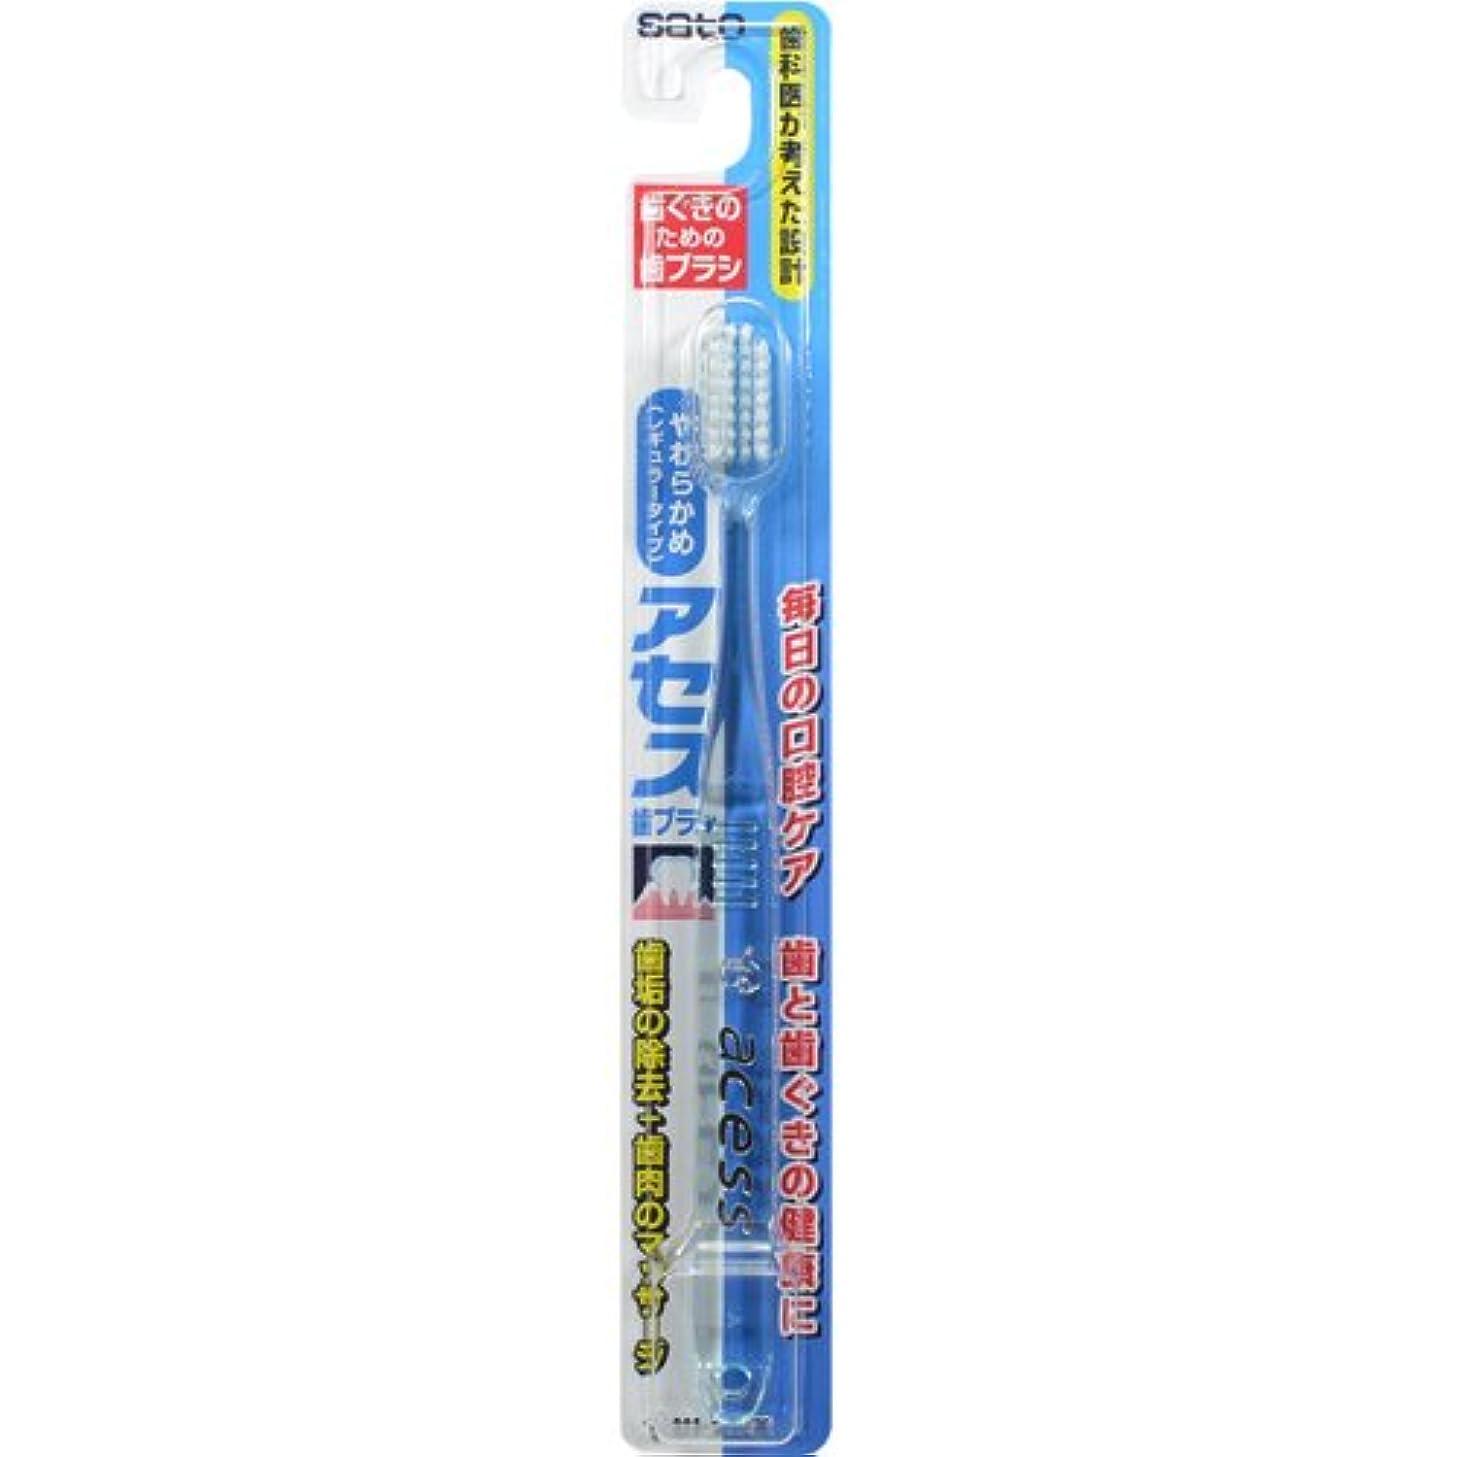 操る旅アジテーション佐藤製薬 アセス歯ブラシ やわらかめレギュラータイプ 1本